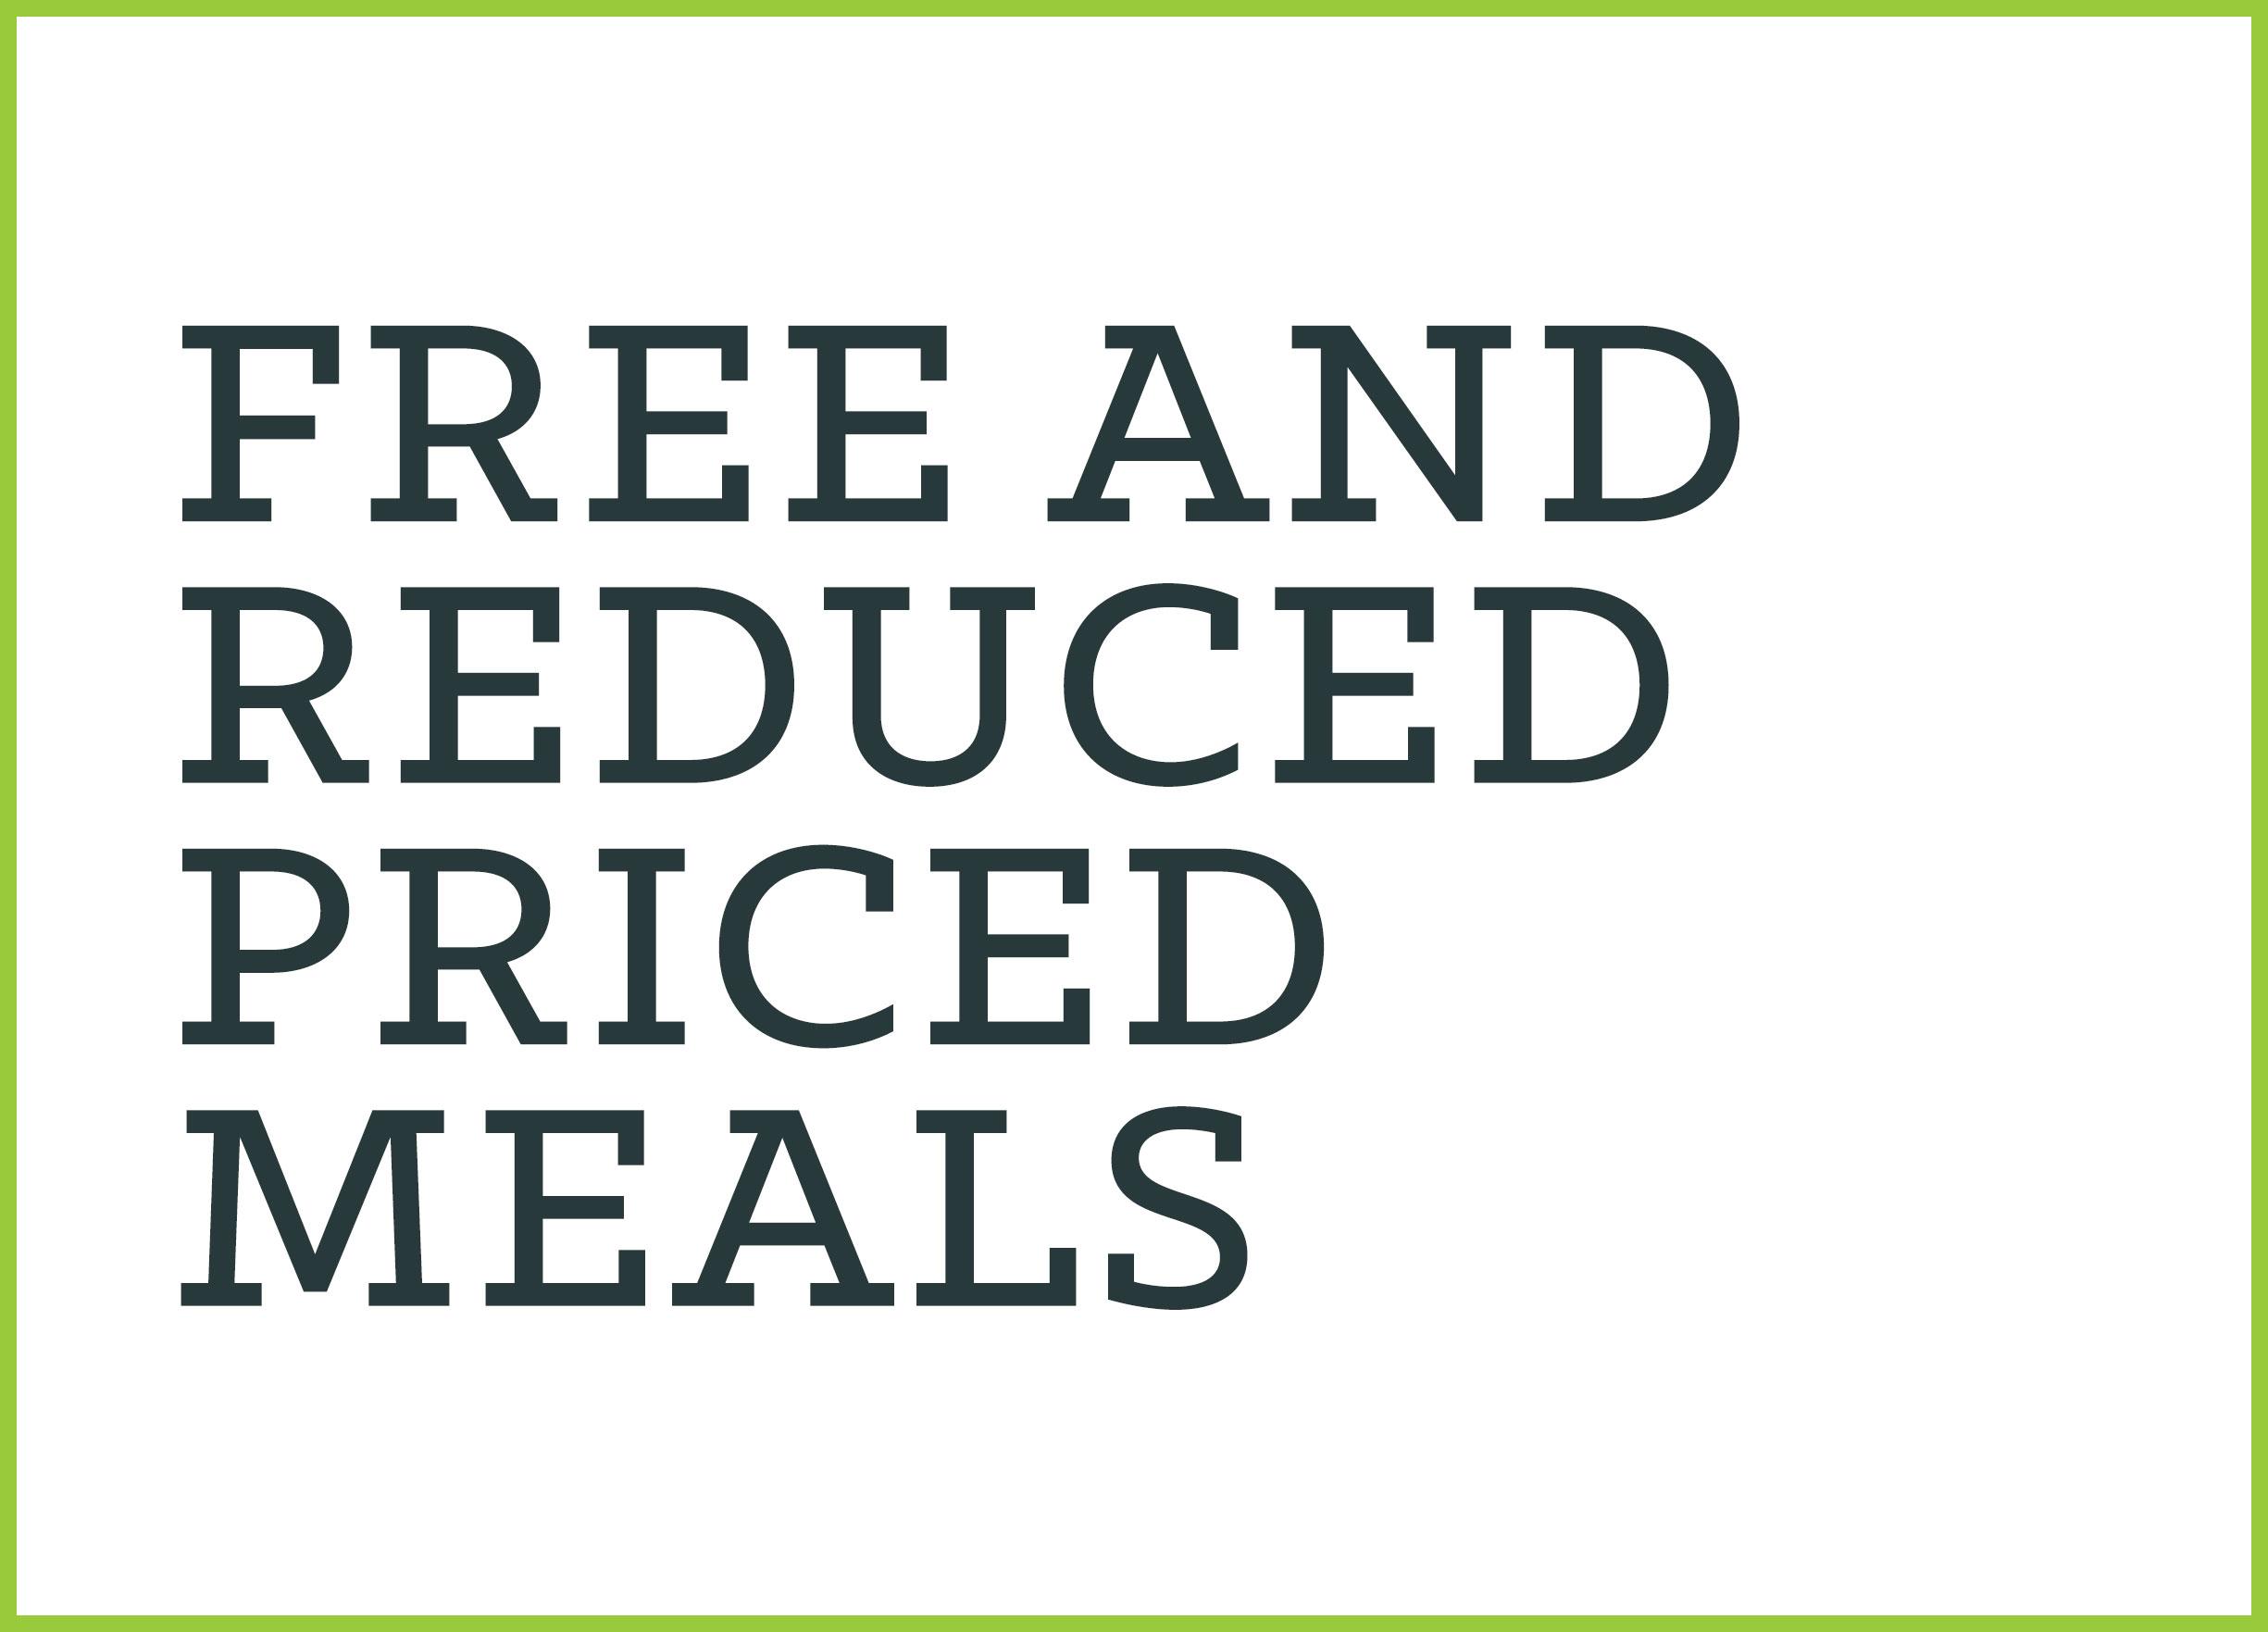 FreeandReduced_food.jpg